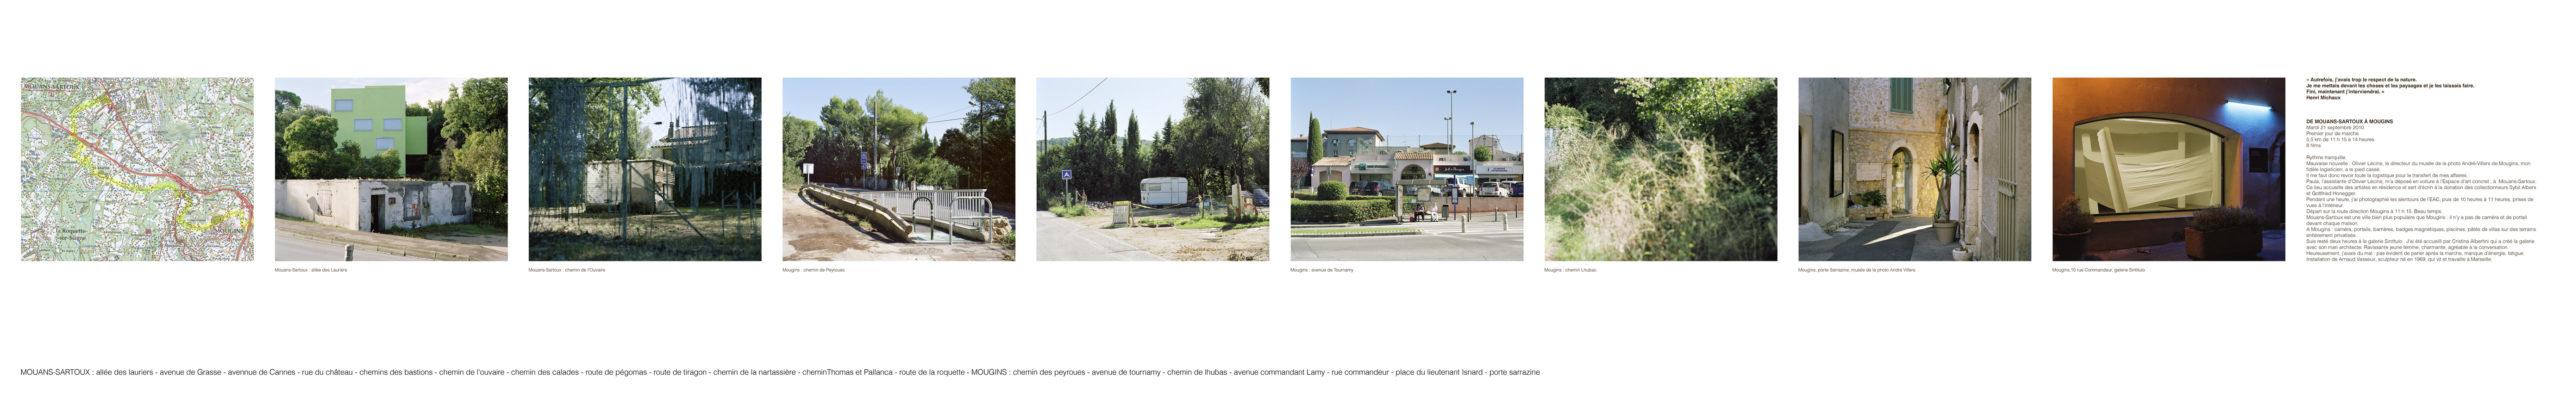 marcher créer, déambulation, marche urbaine, paysage urbain, paysage périurbain, paysage de la campagne, territoire de la Côte d'Azur,